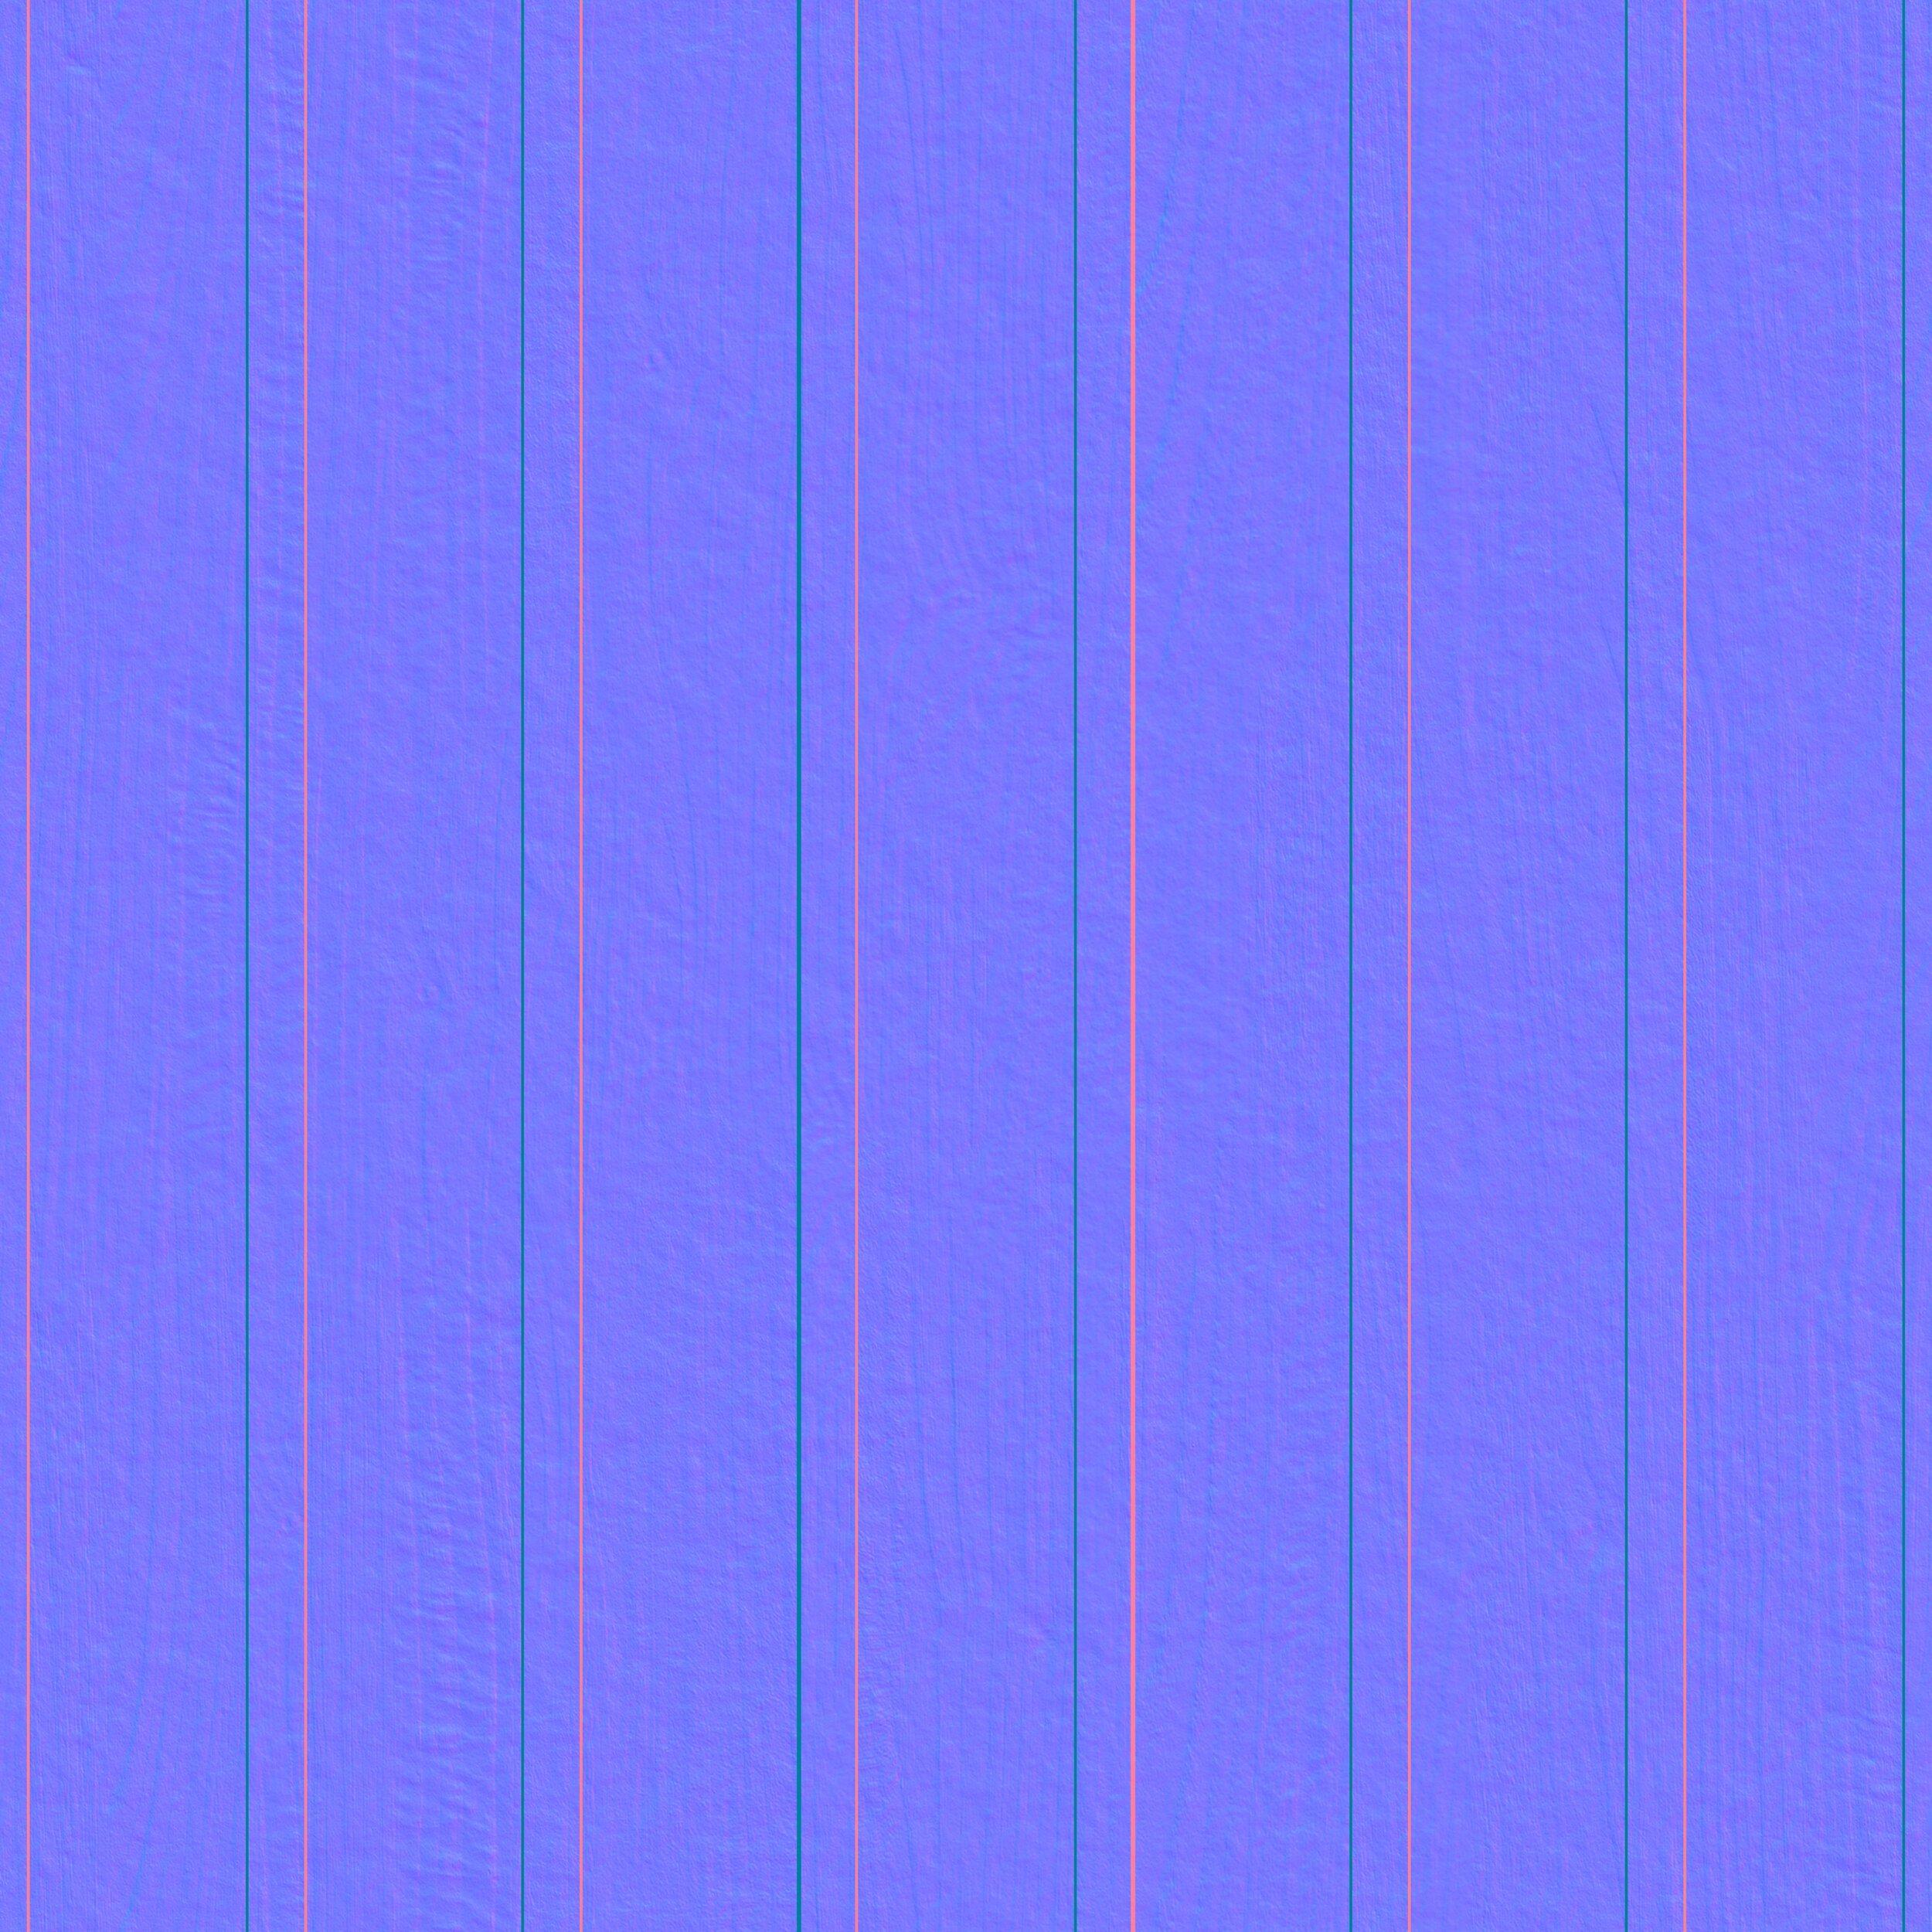 Siding_AI_01B_Red_NRM.jpg